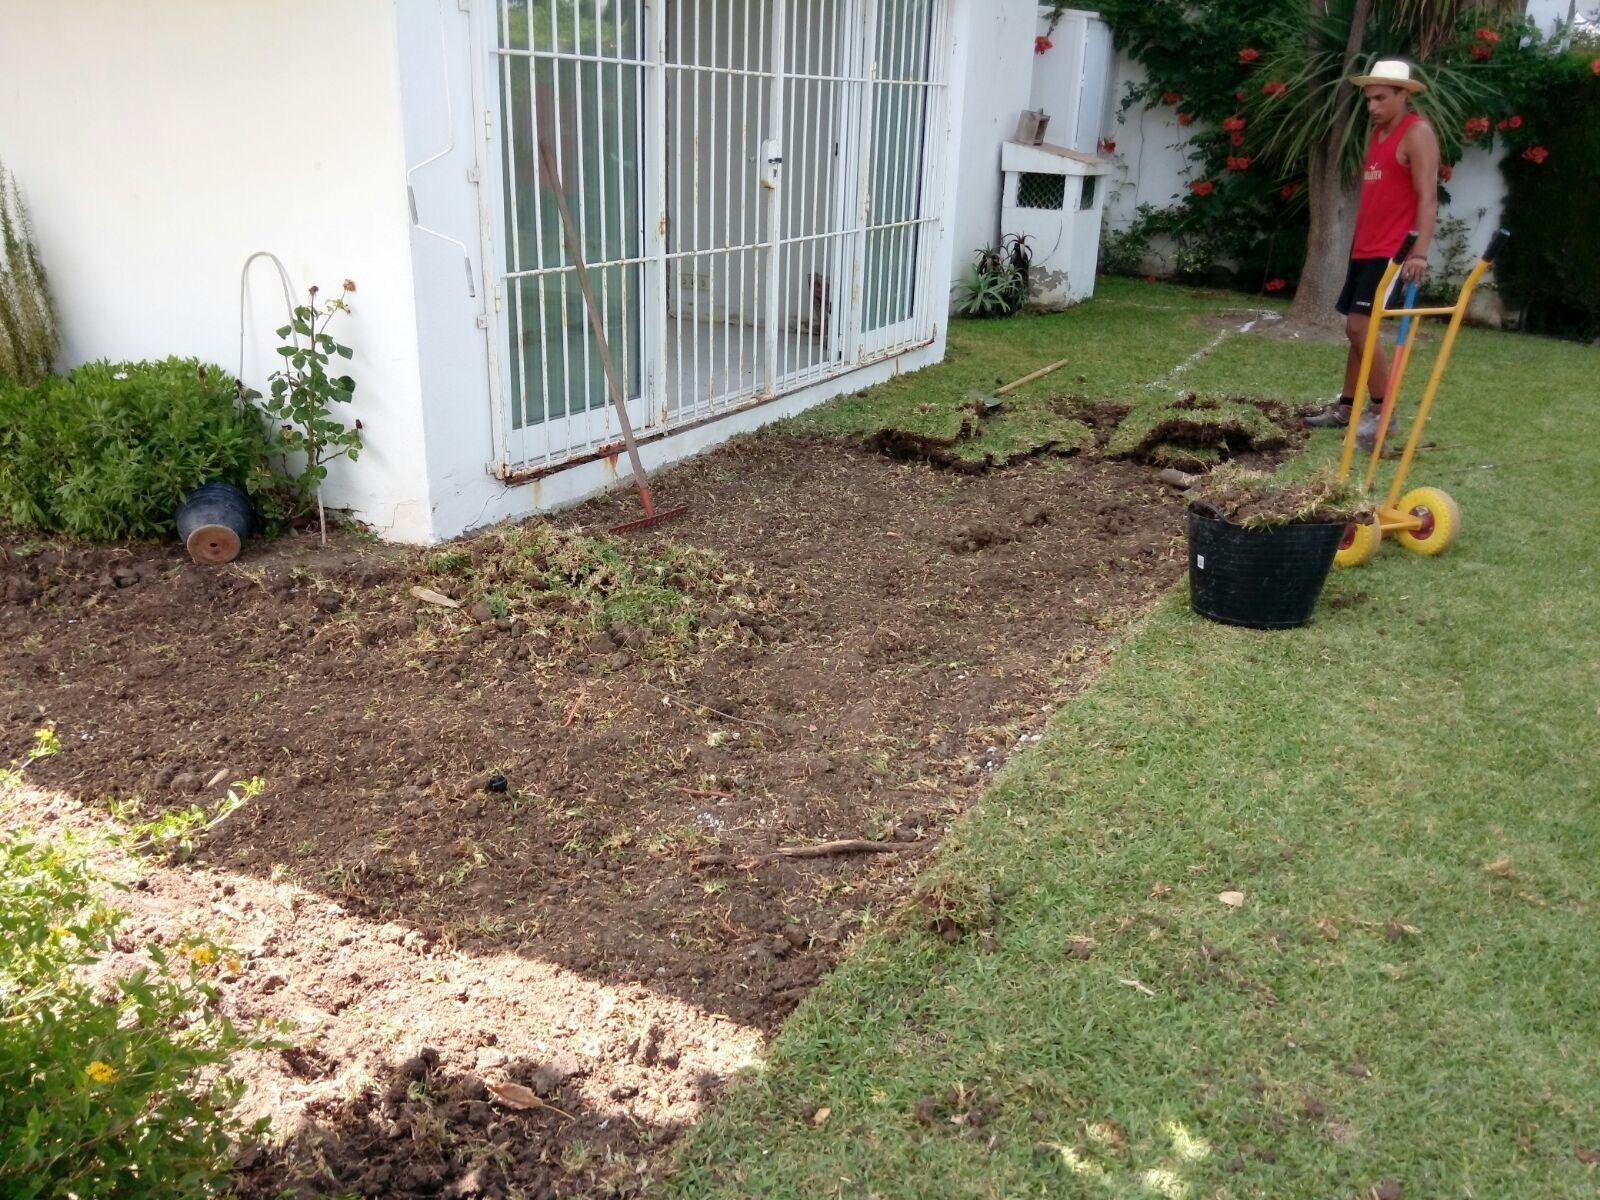 Diseño y mantenimiento de jardines: Servicios de Servicios del Río